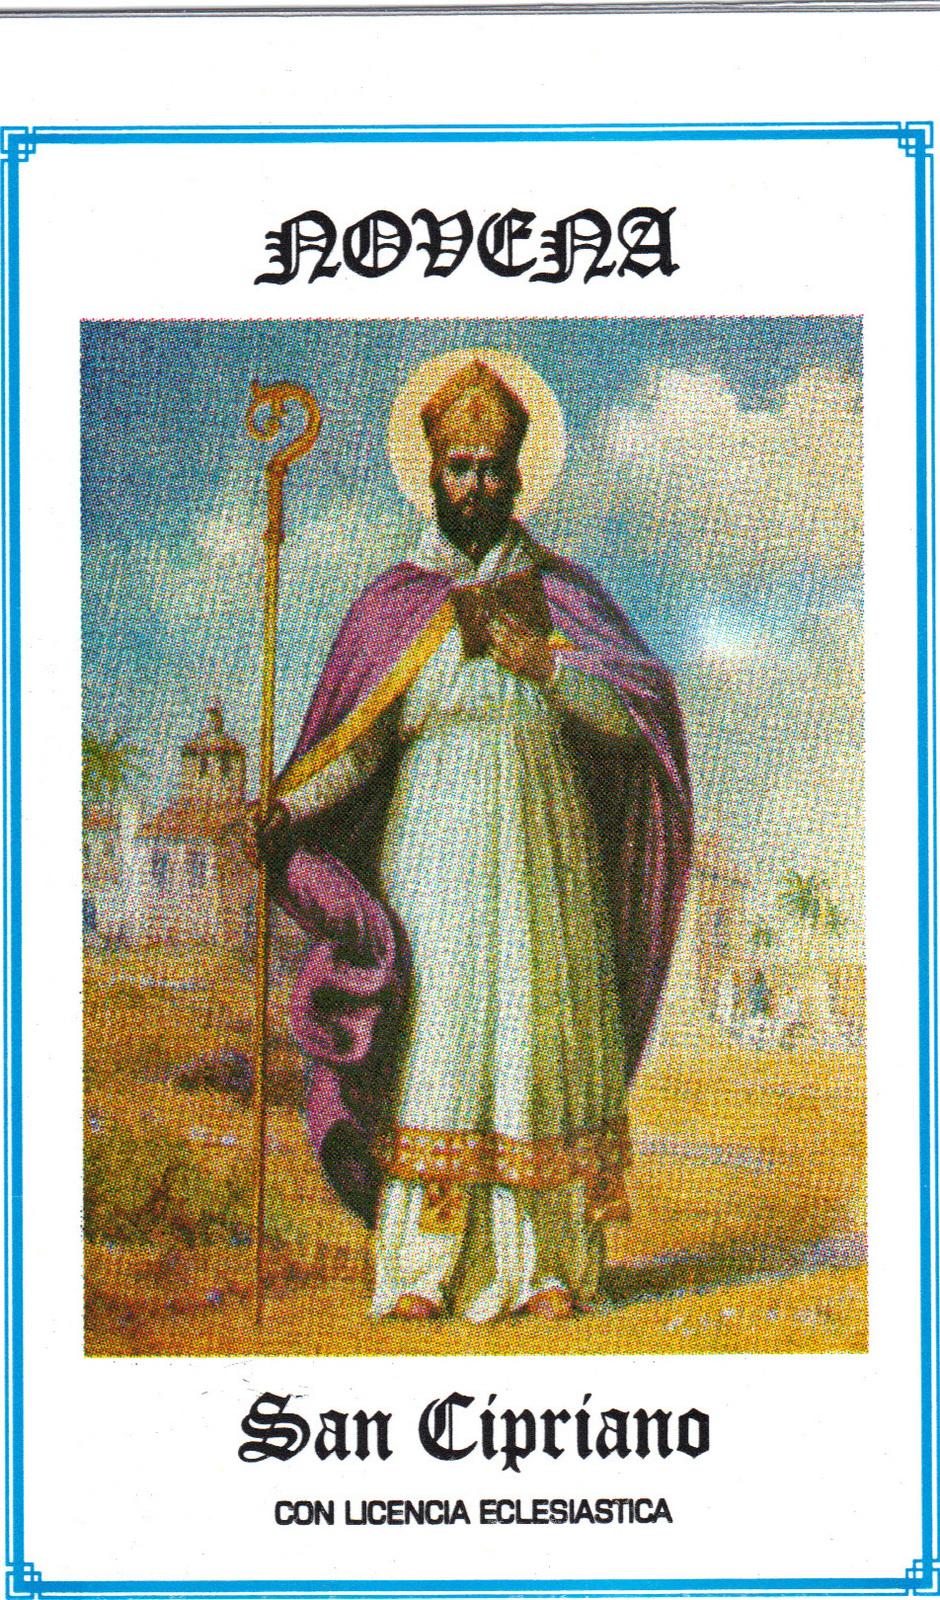 San cipriano s11